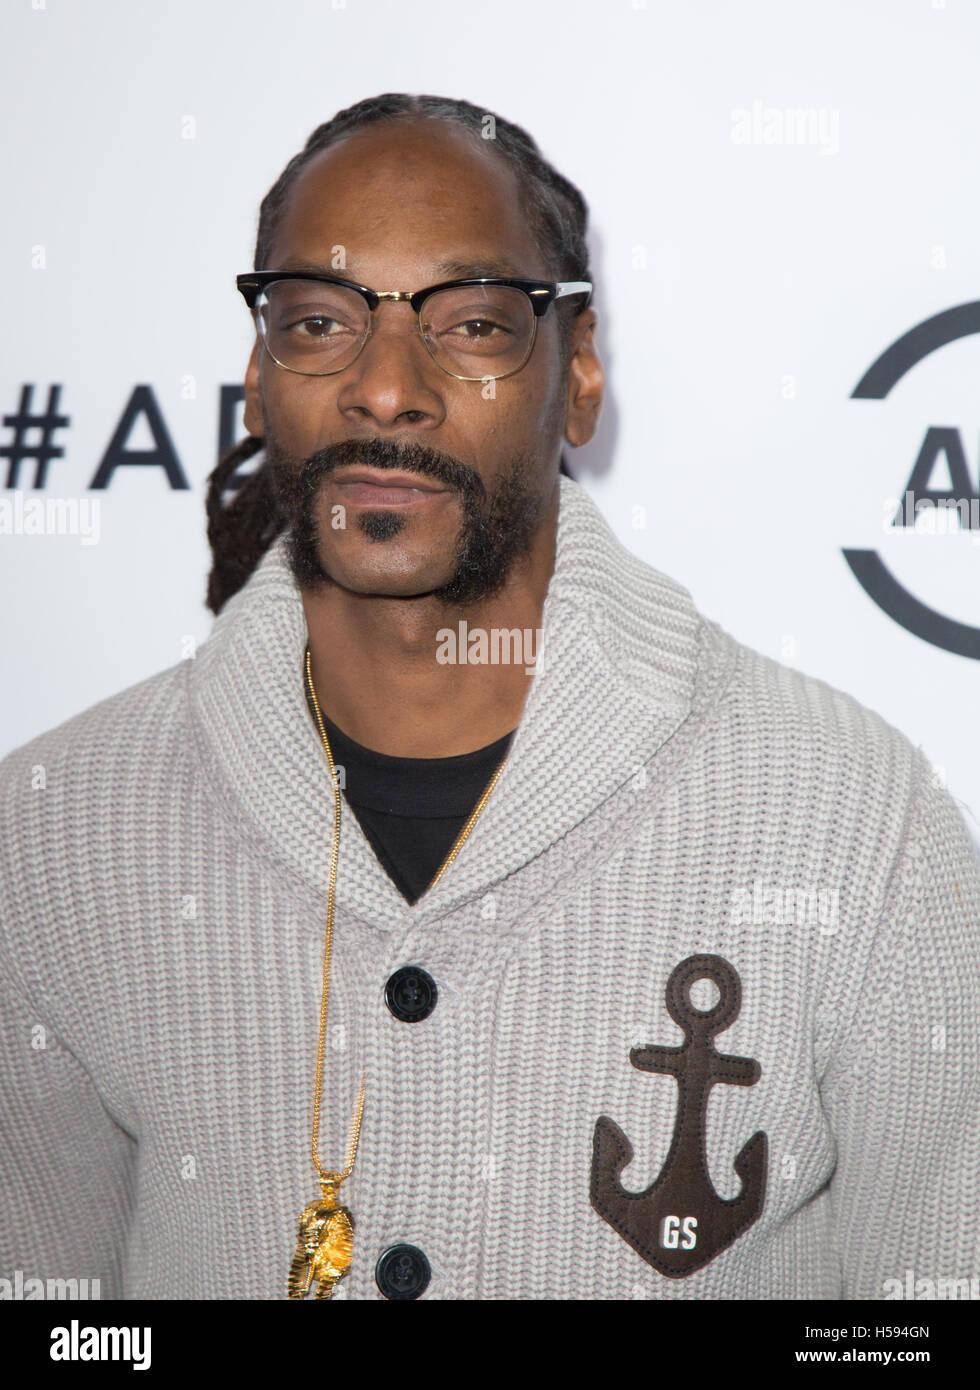 Snoop Dogg 2016 Stock Photos & Snoop Dogg 2016 Stock Images - Alamy